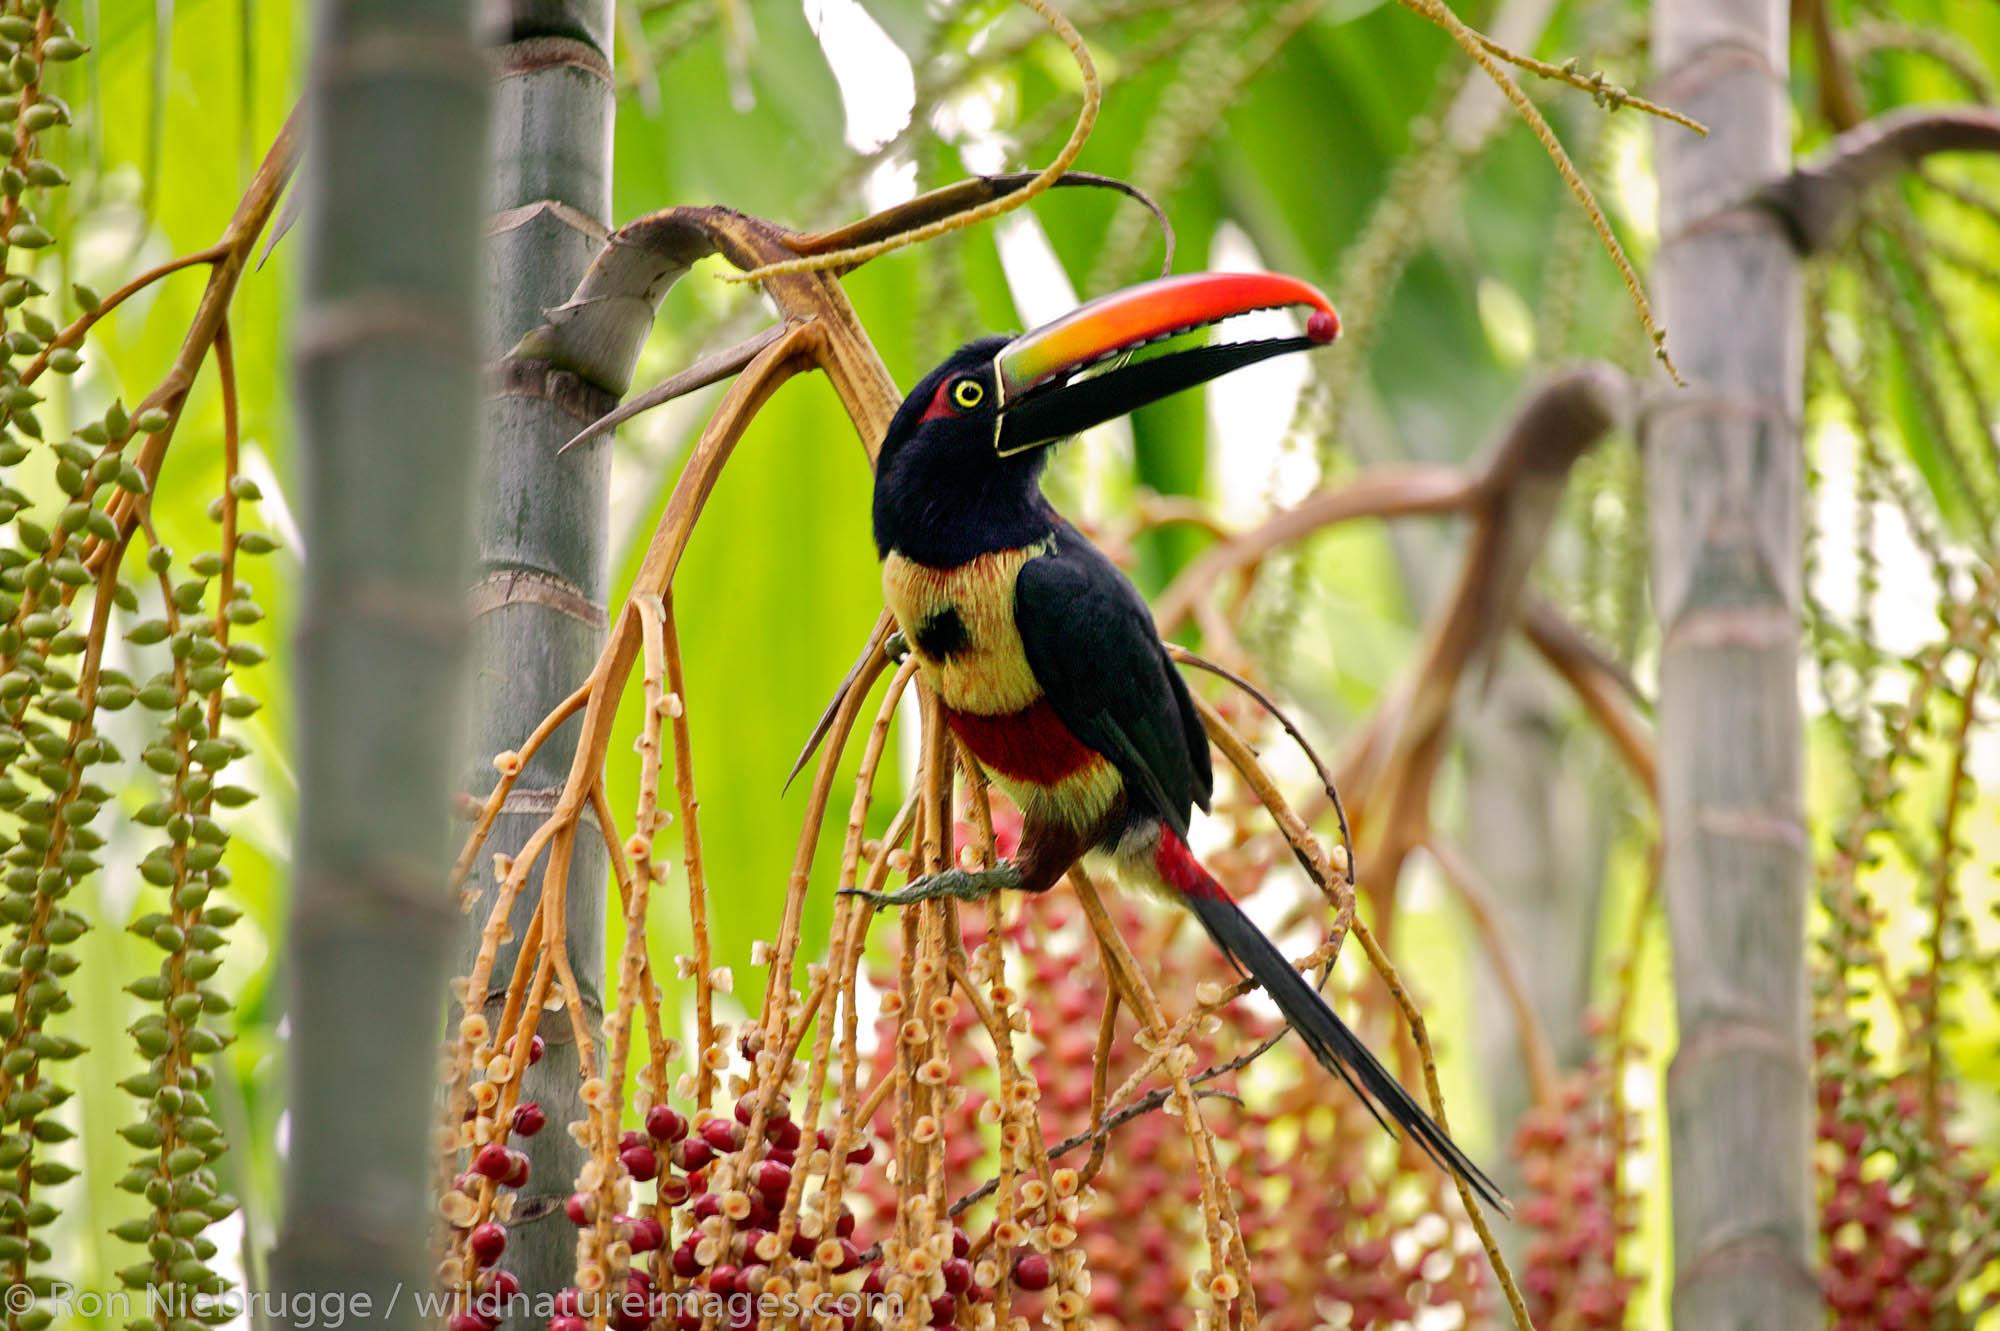 Costa Rica, photos, bird, photo